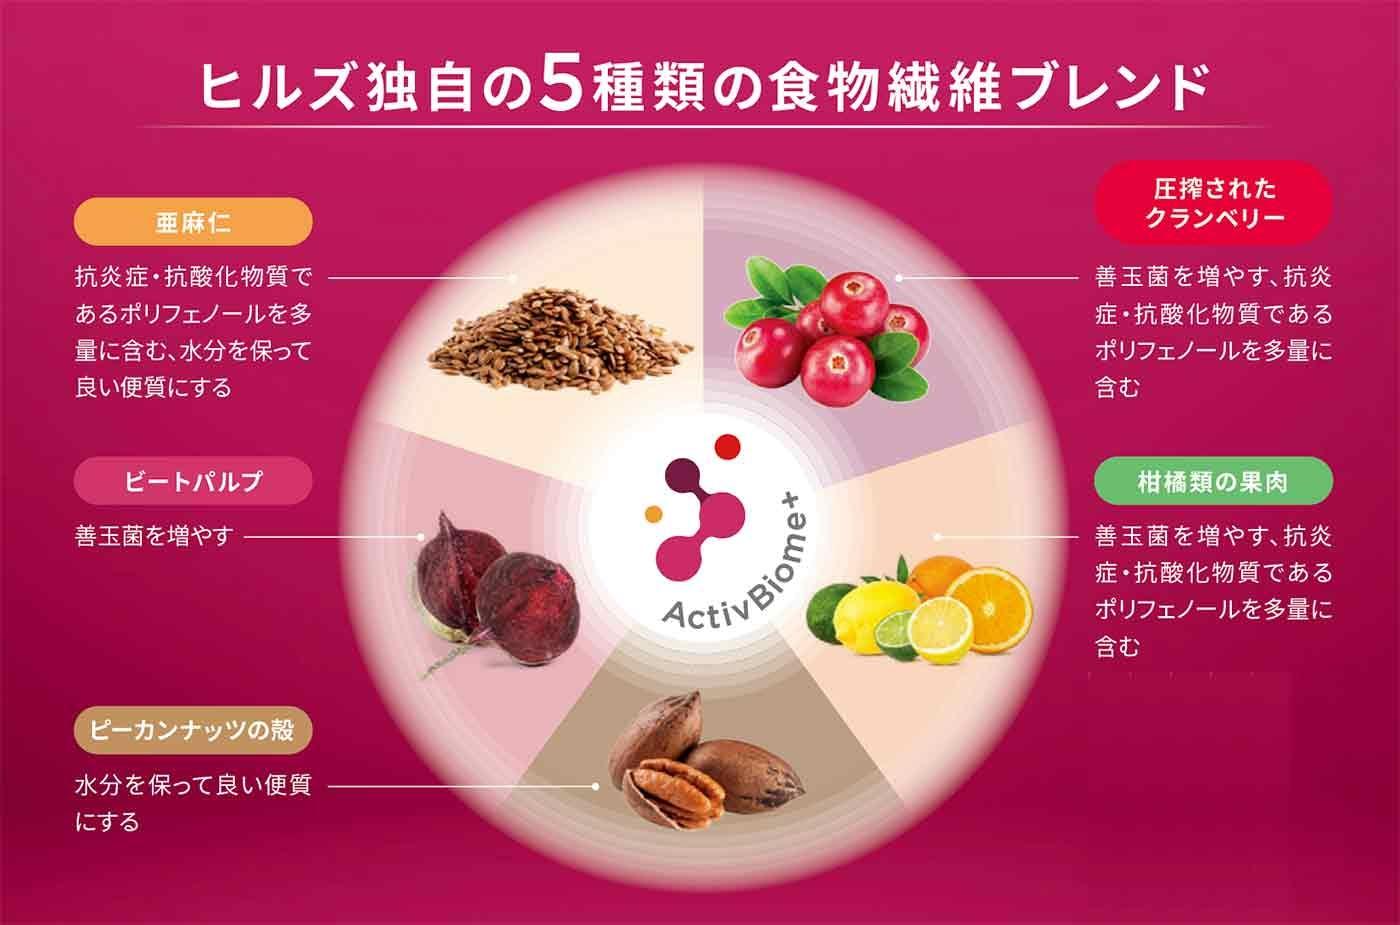 ヒルズ独自の5種類の食物繊維ブレンド